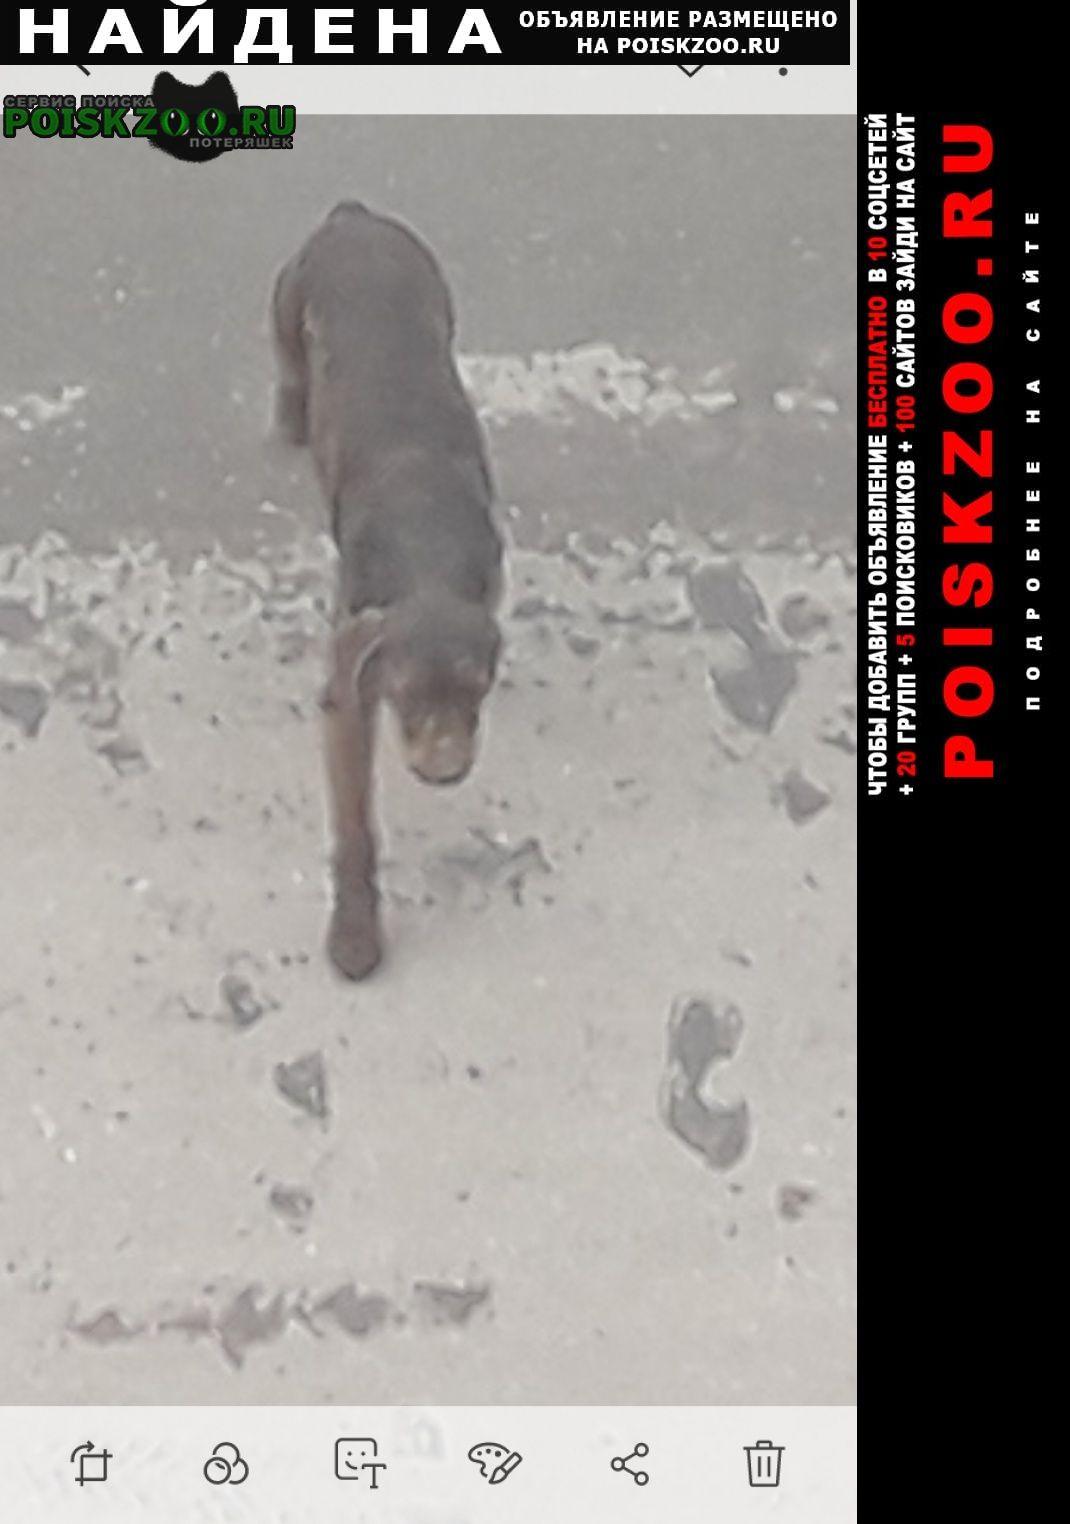 Найдена собака Усмань